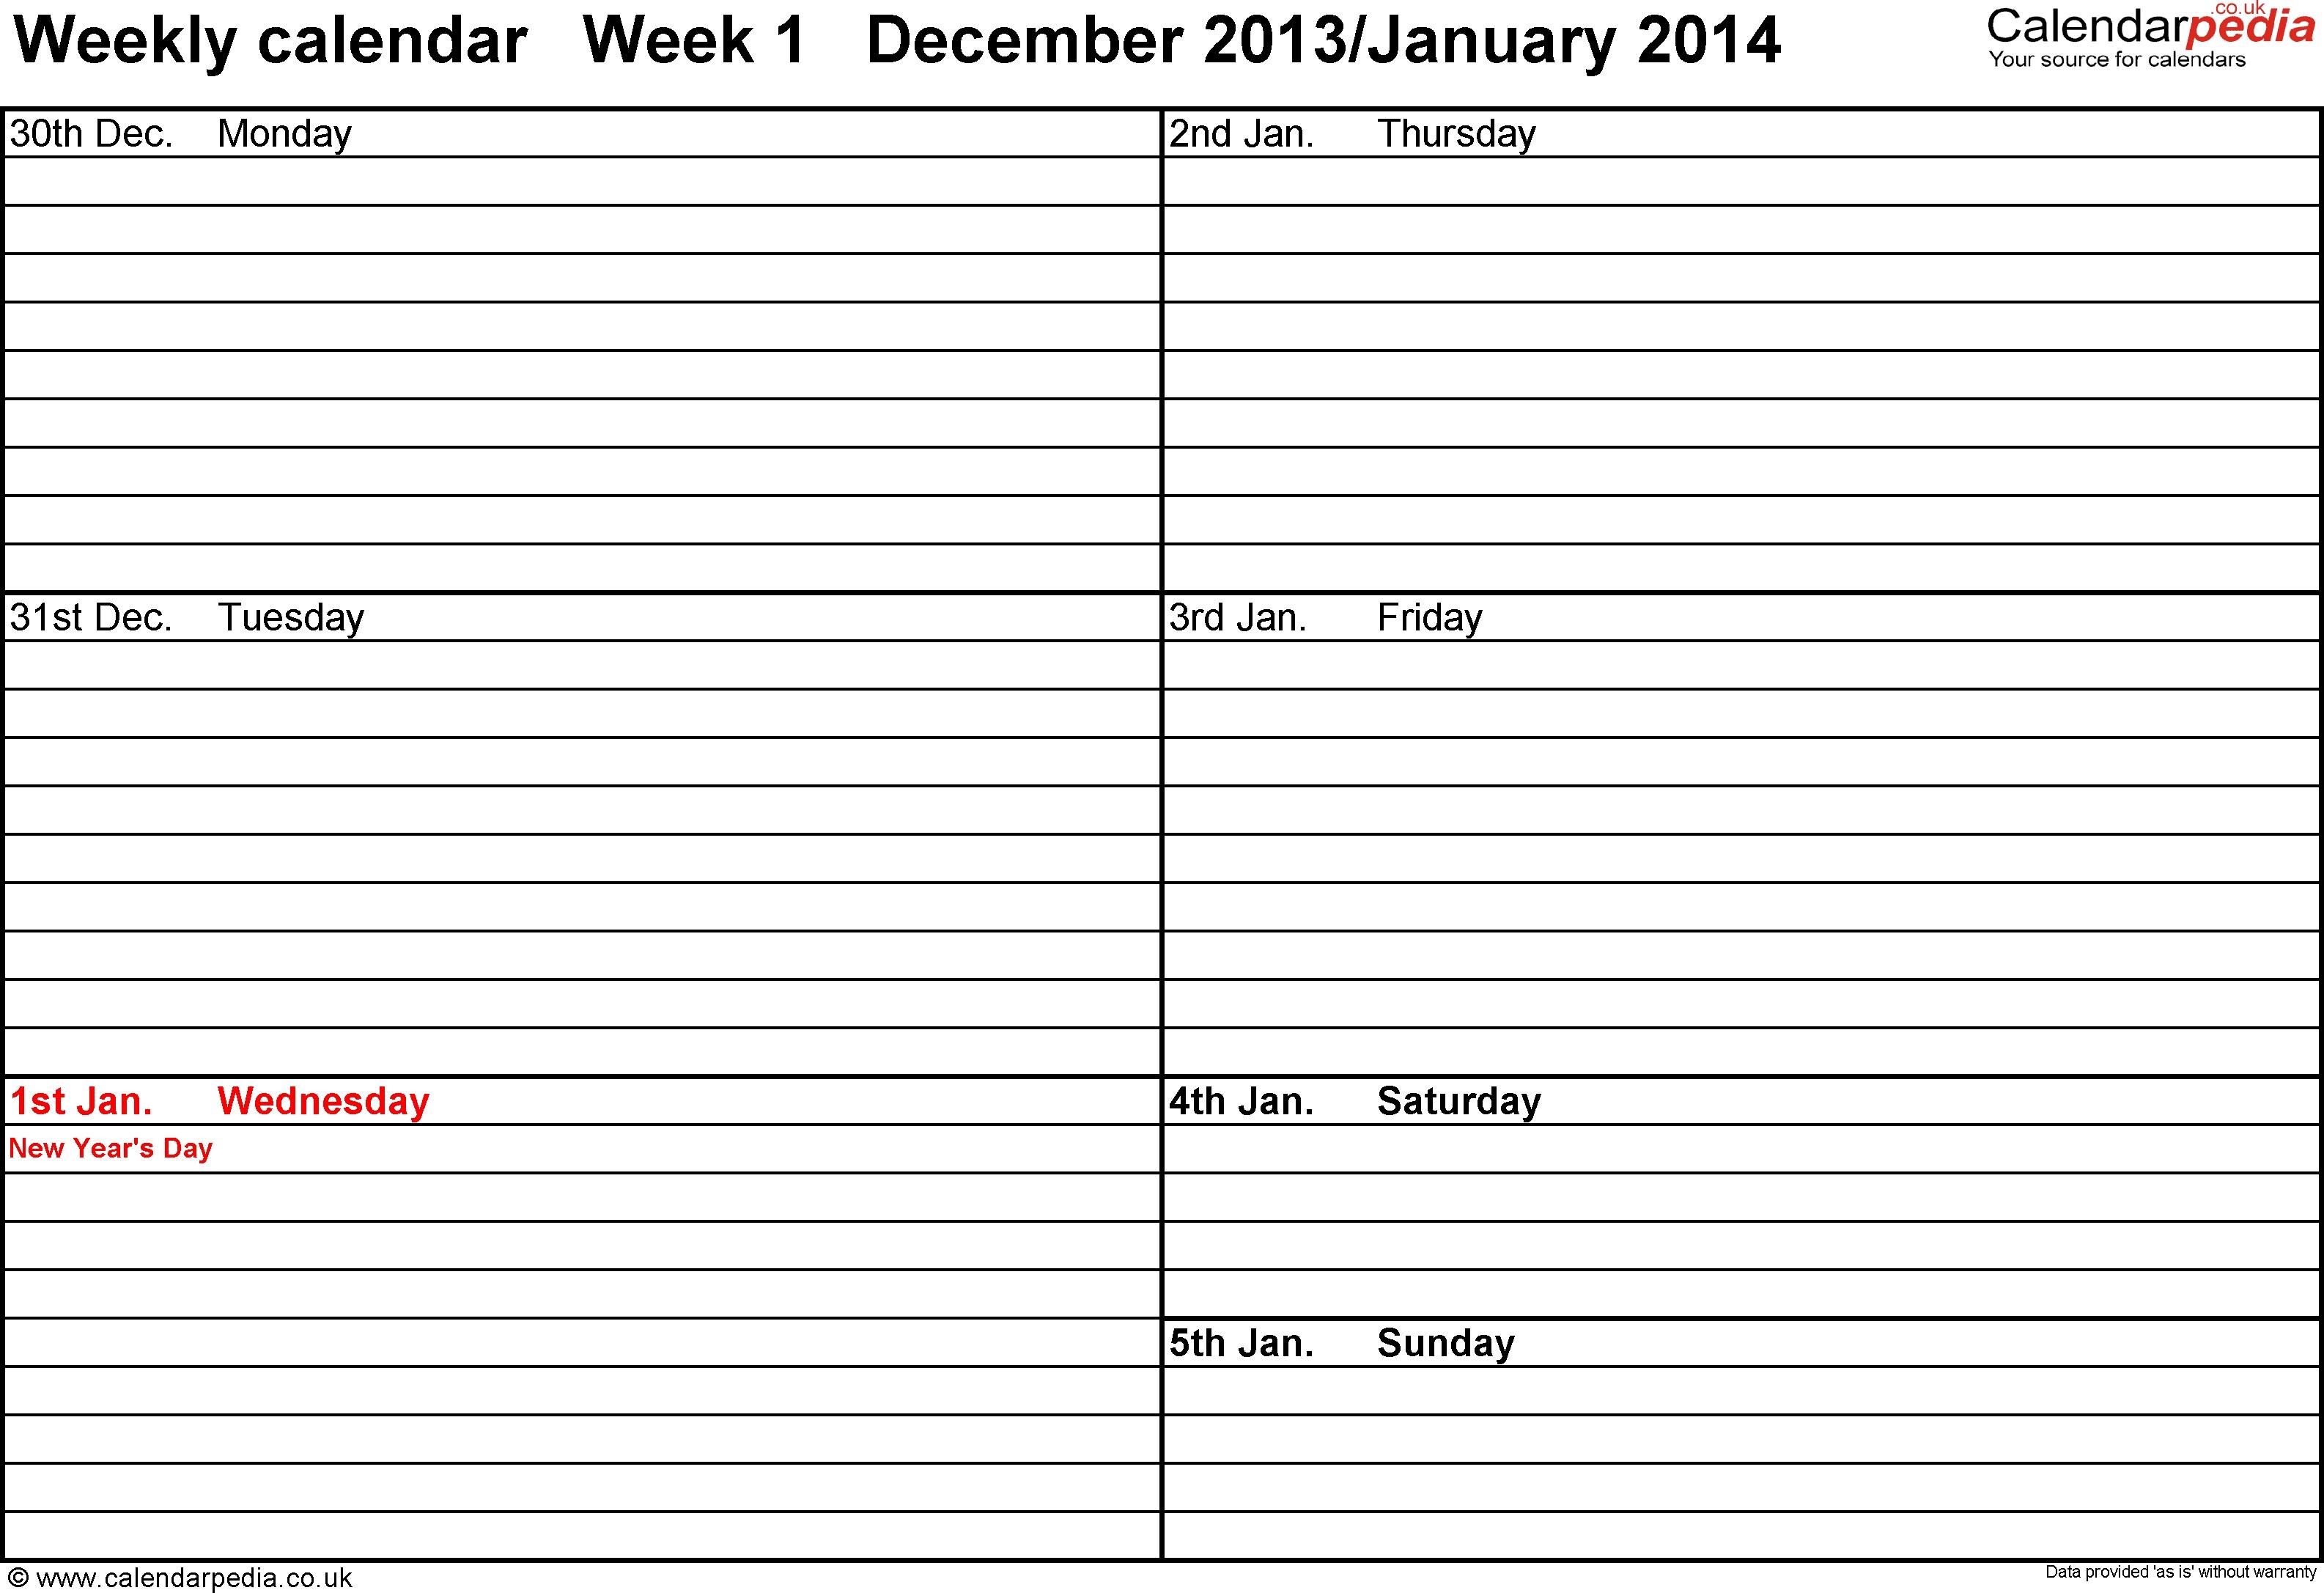 Week Schedule Template Weekly Calendar Uk Free Printable Templates